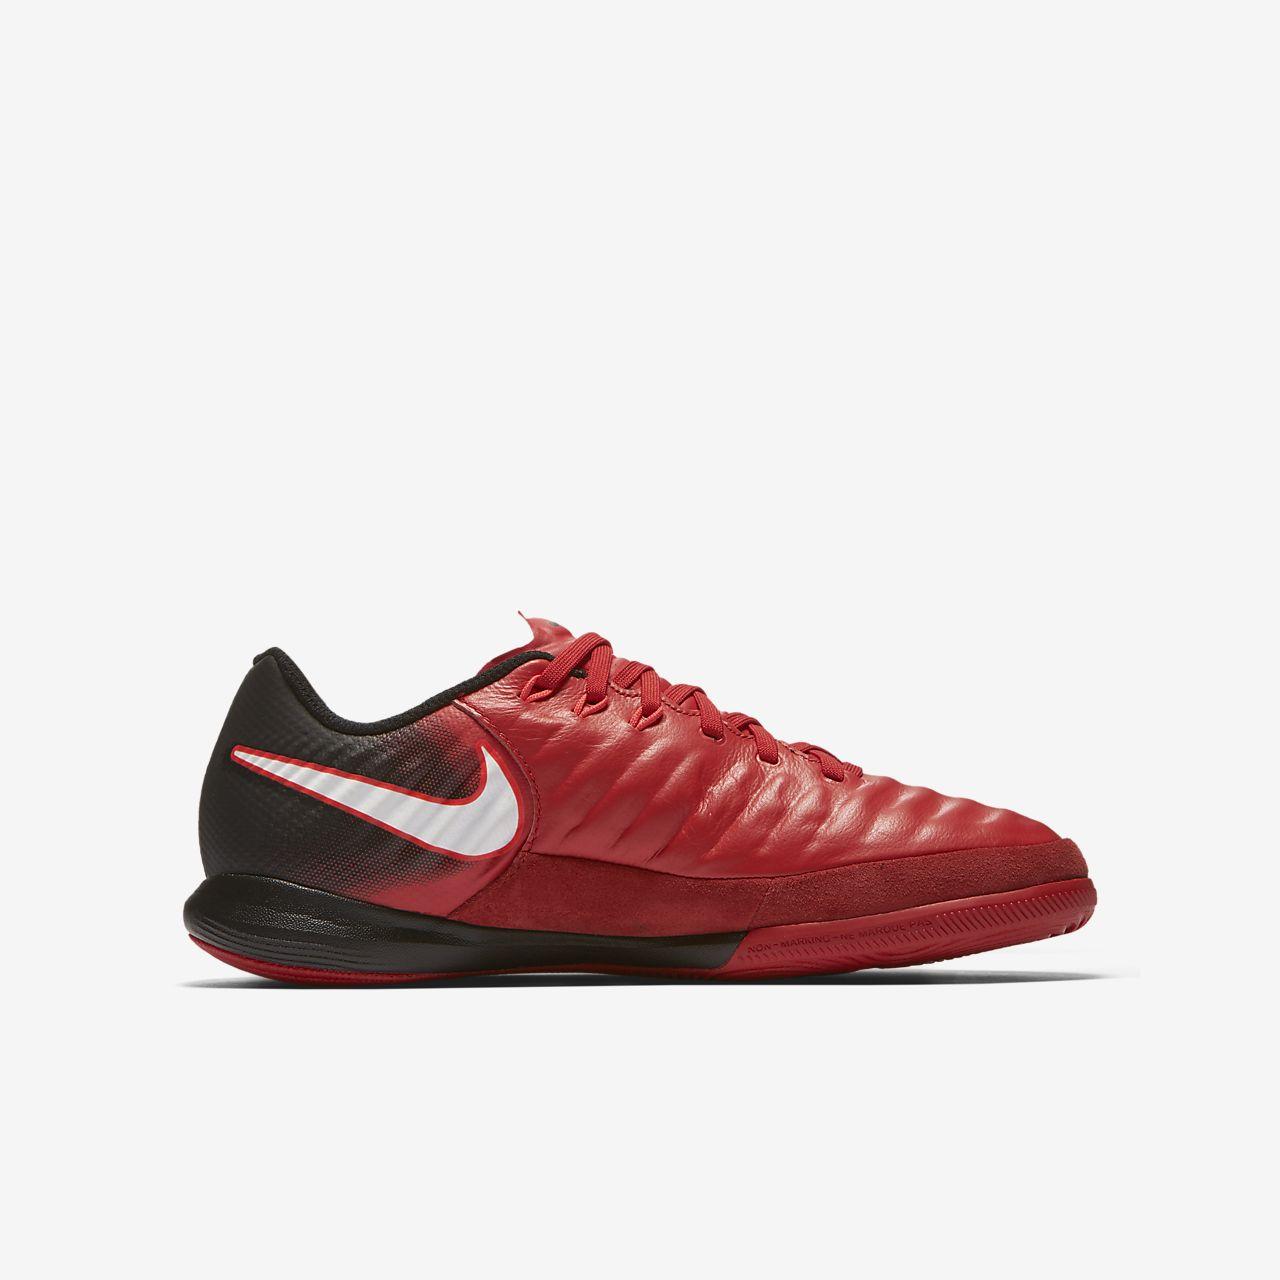 ... Nike Jr. TiempoX Proximo II Older Kids' Indoor/Court Football Shoe